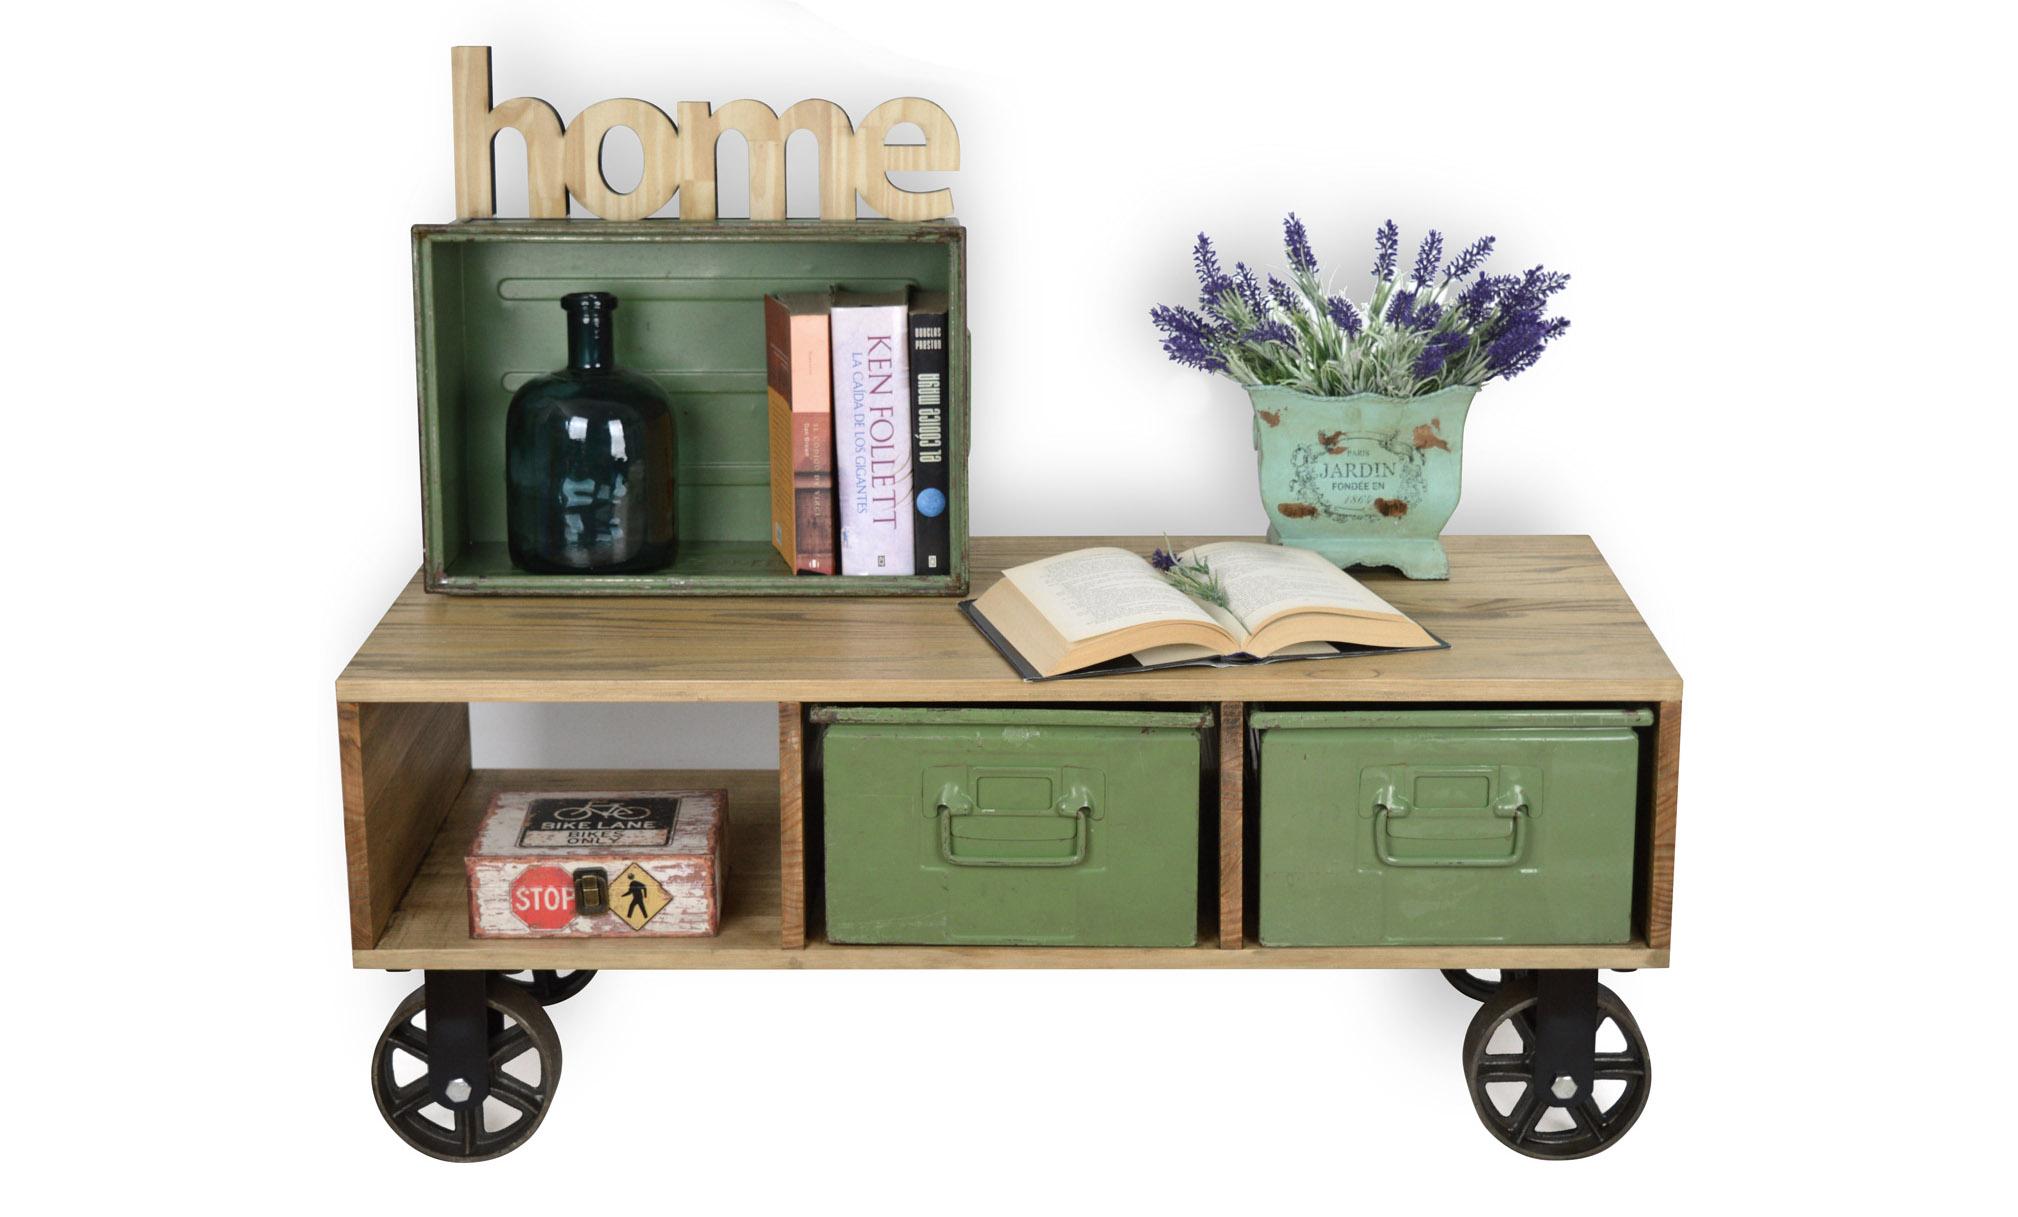 Muebles vintage de madera y metal productos y colecciones for Muebles para colecciones